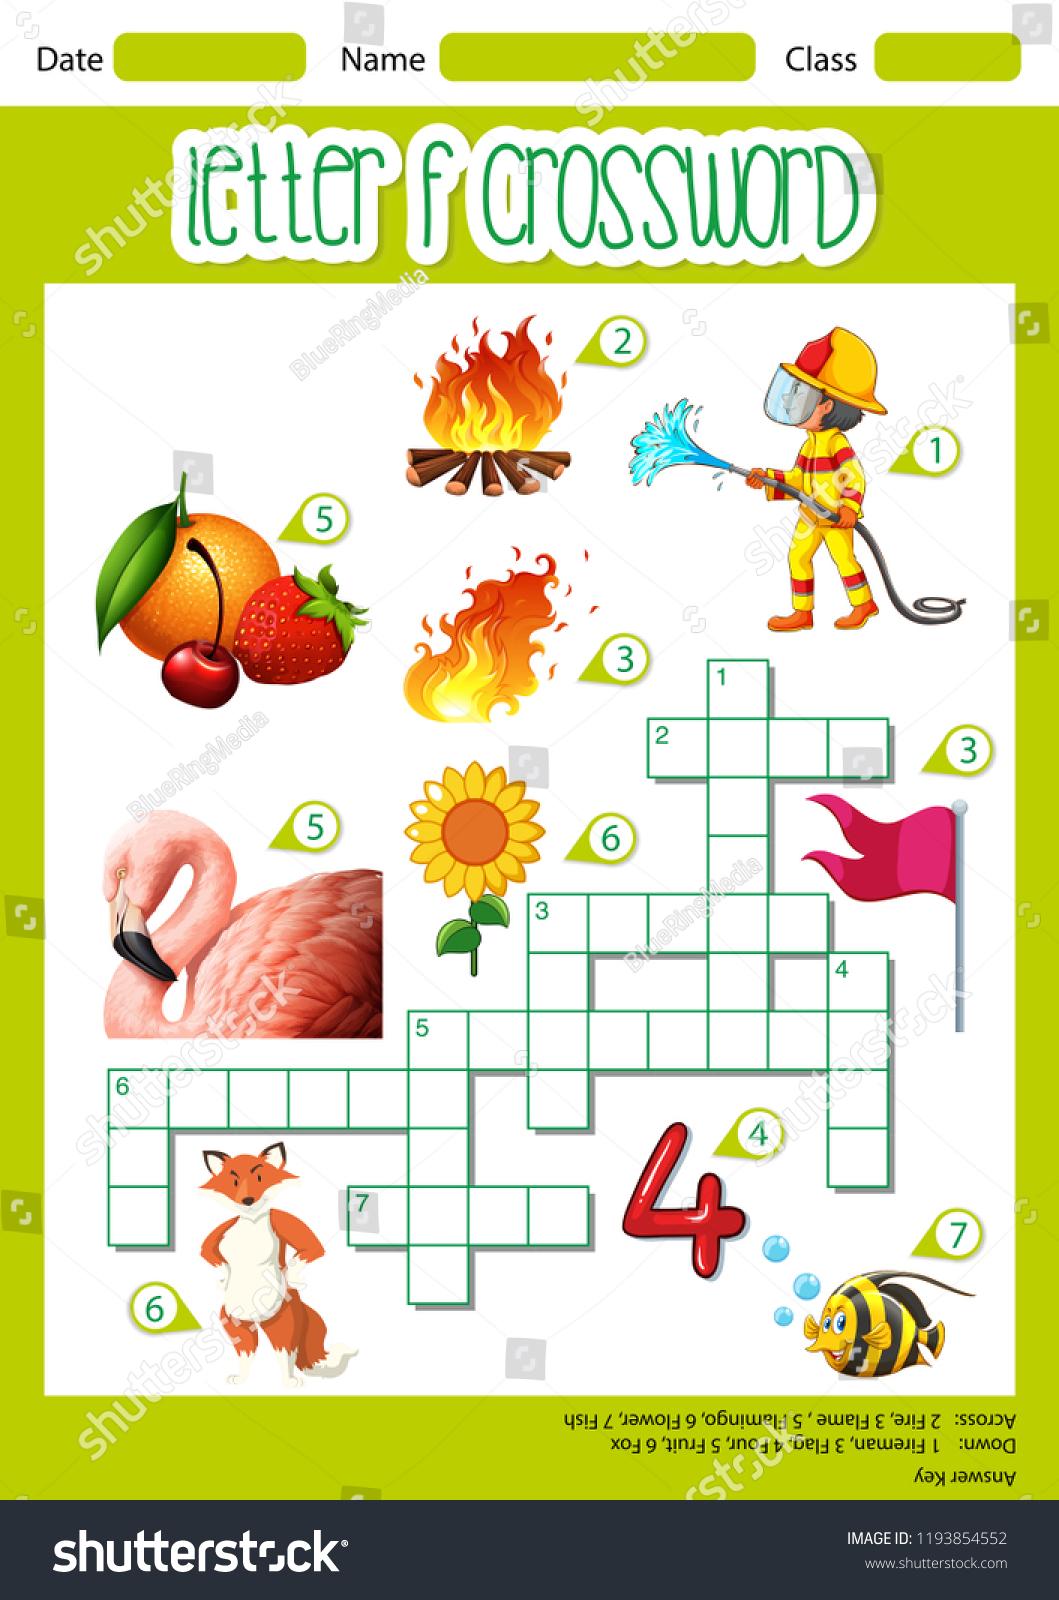 Letter F Crossword Worksheet Illustration Stock Vector (Royalty Free